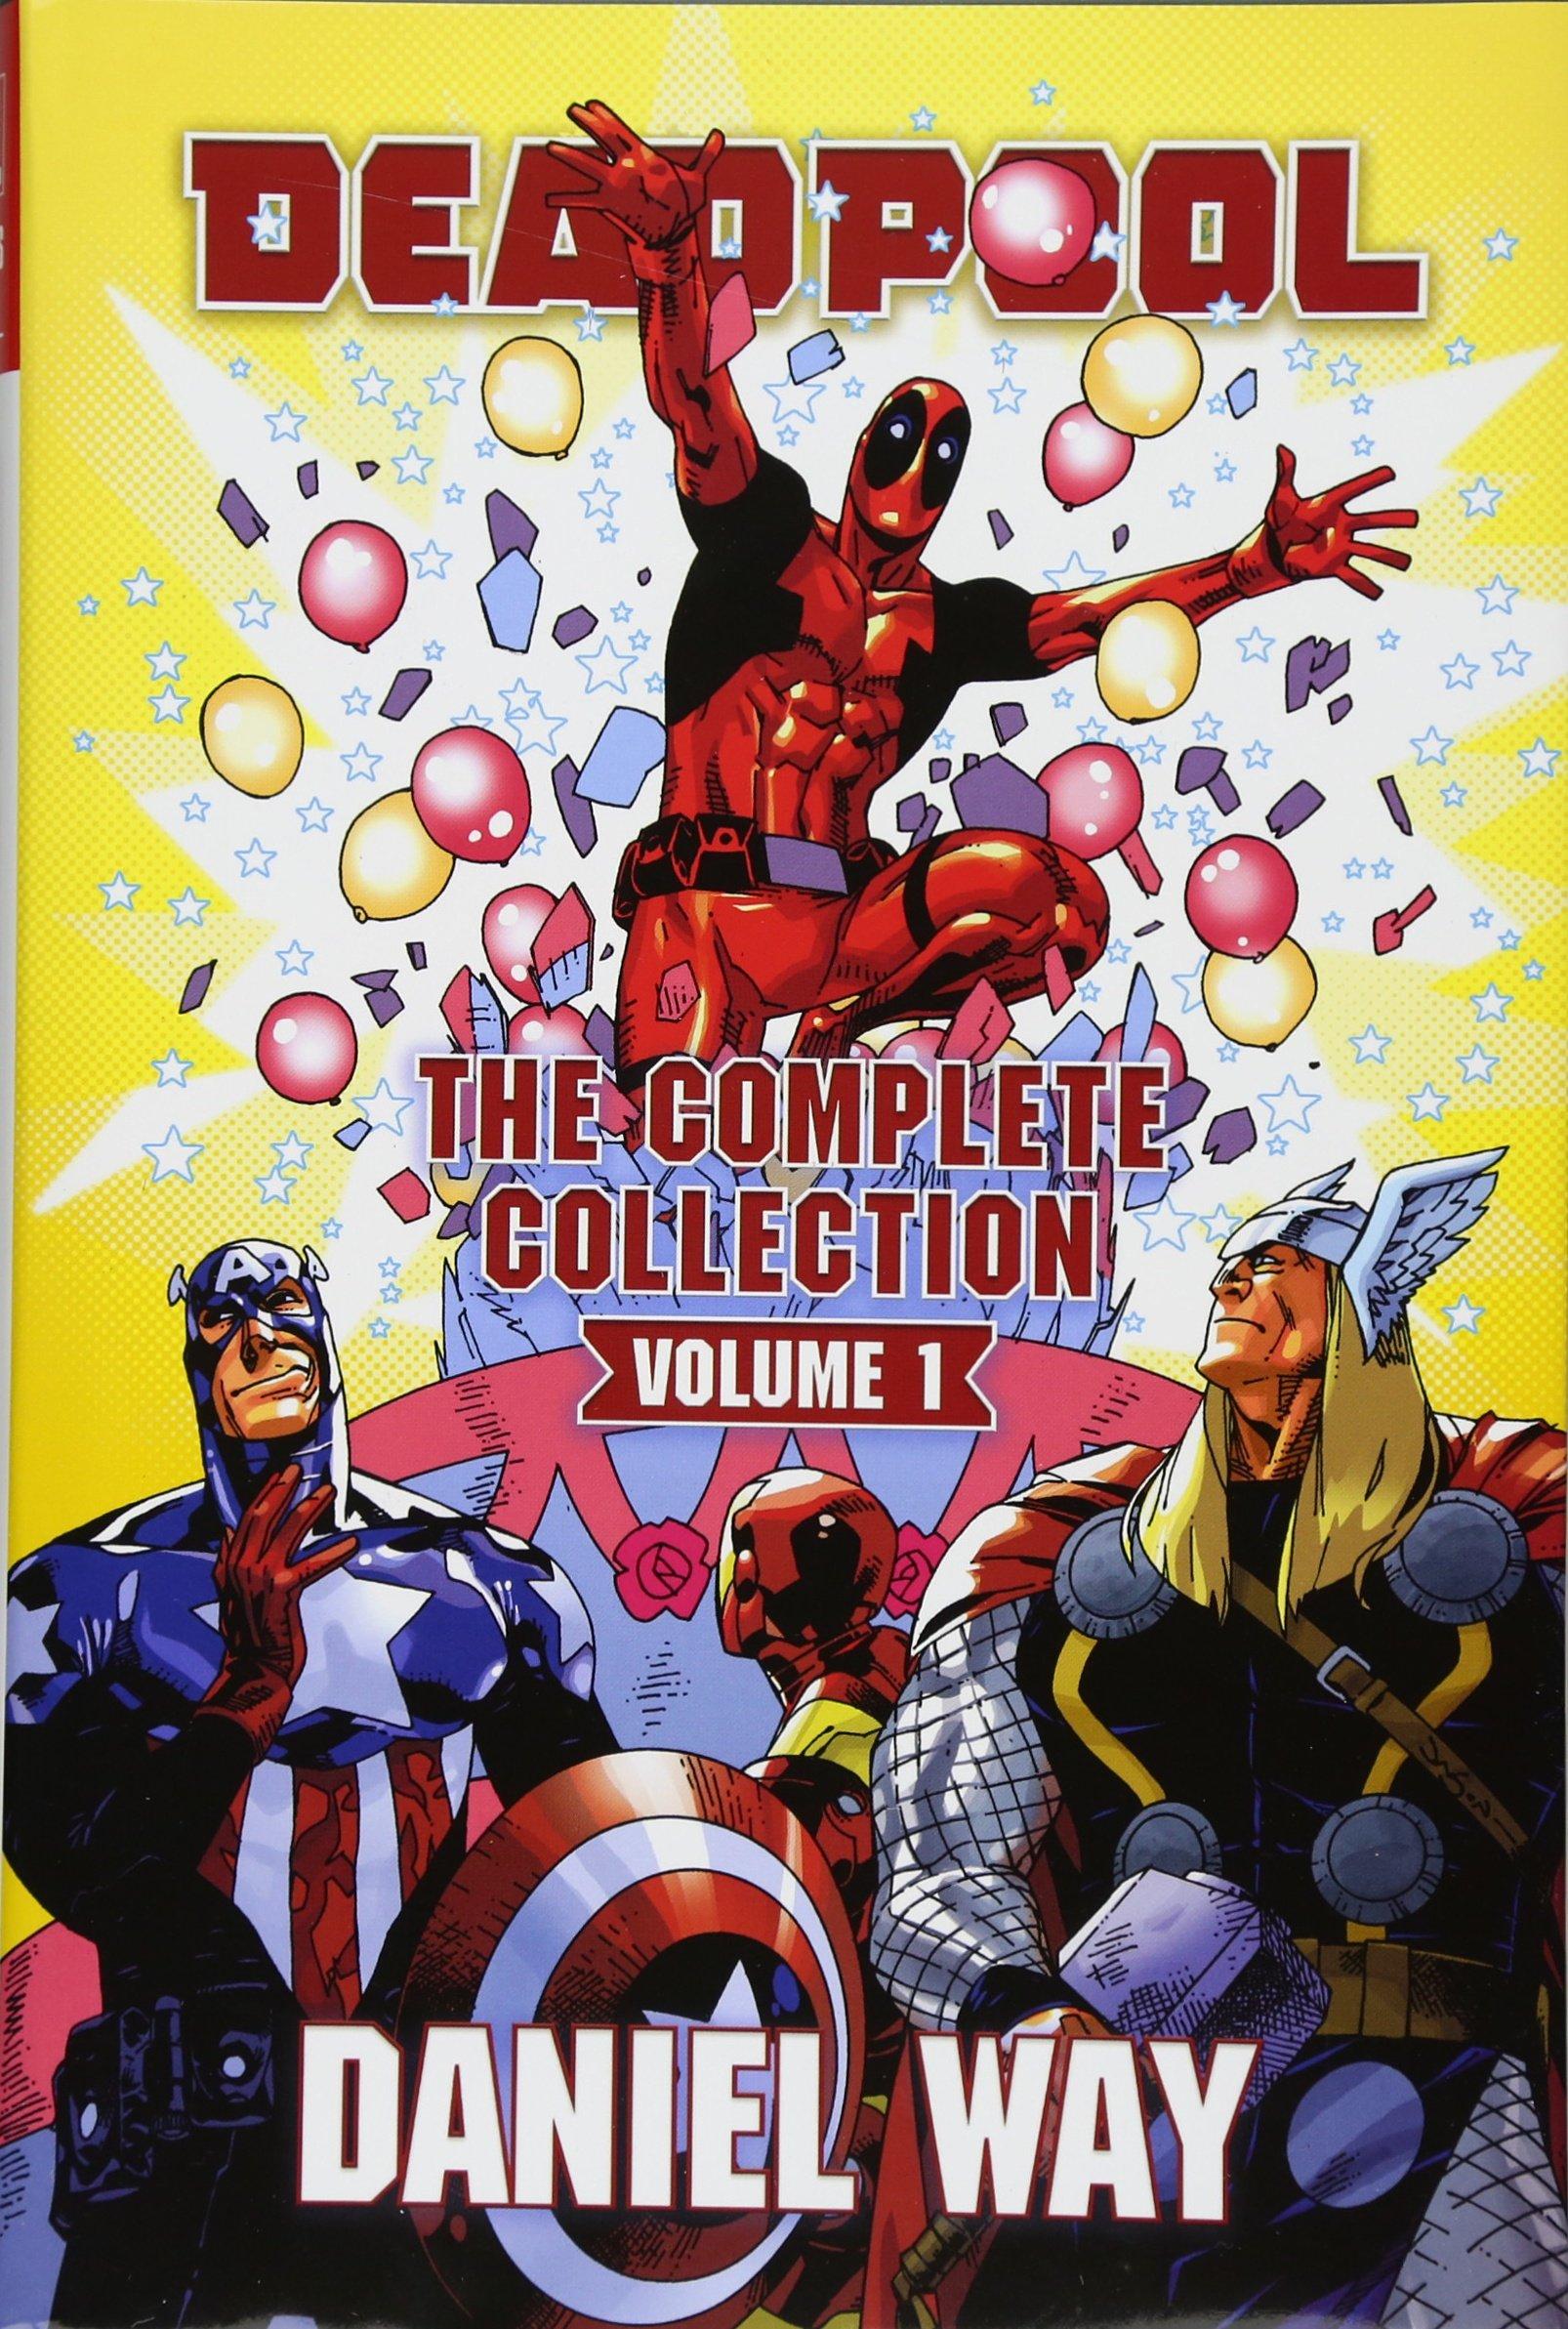 Deadpool by Daniel Way Omnibus Vol. 1 ebook